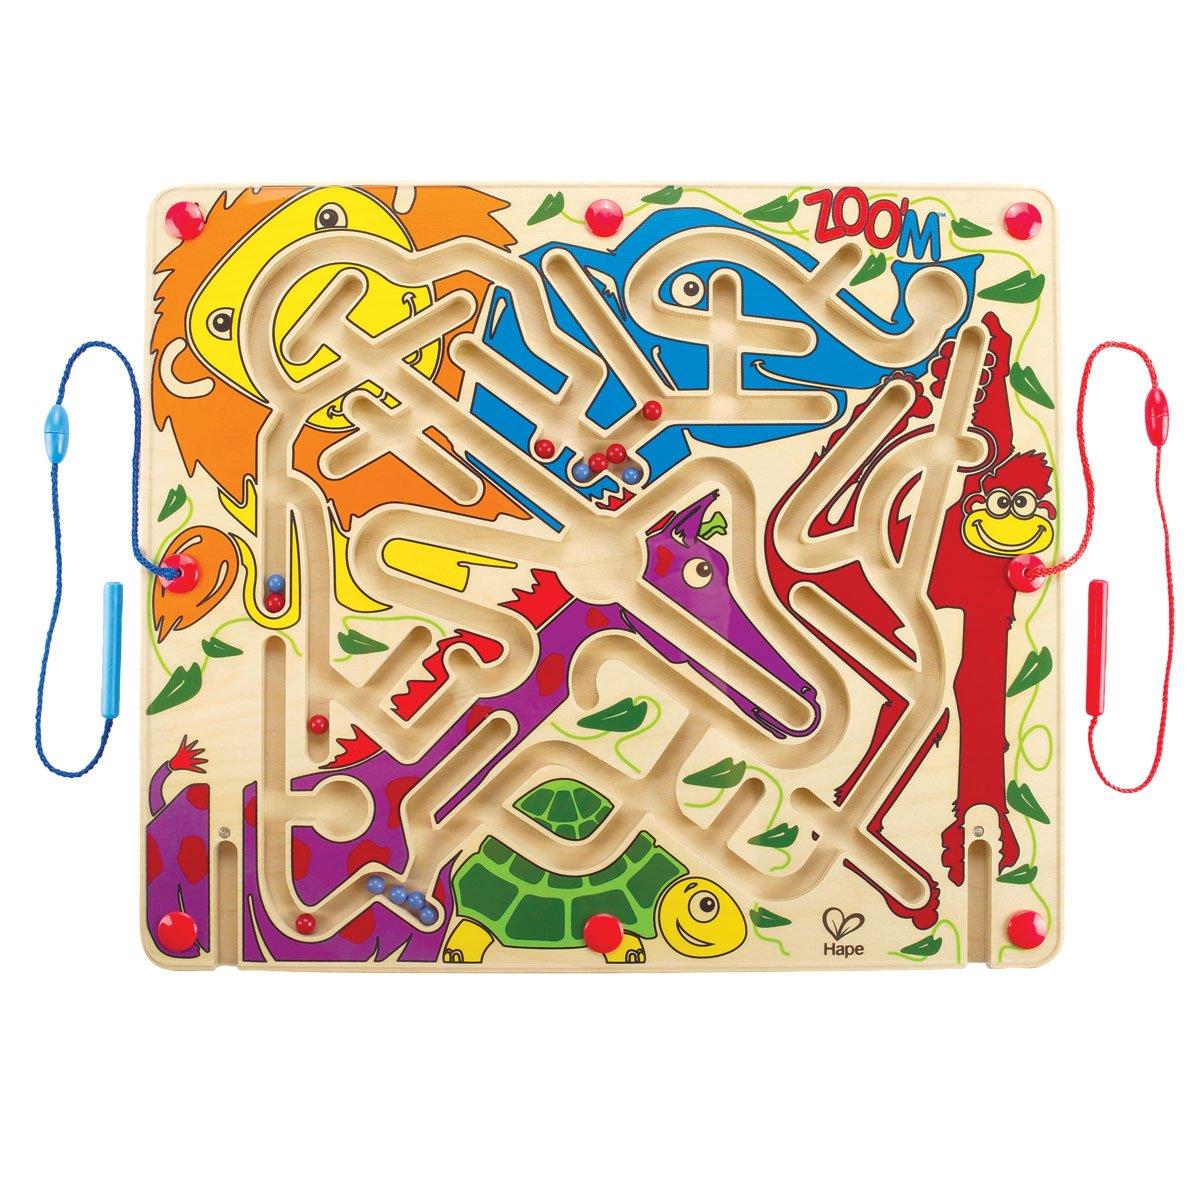 德国Hape 磁性运笔走珠 动物派对迷宫 2岁以上 E1706 早教木制儿童玩具 (国际直邮费包含了国际邮费和进口关税)